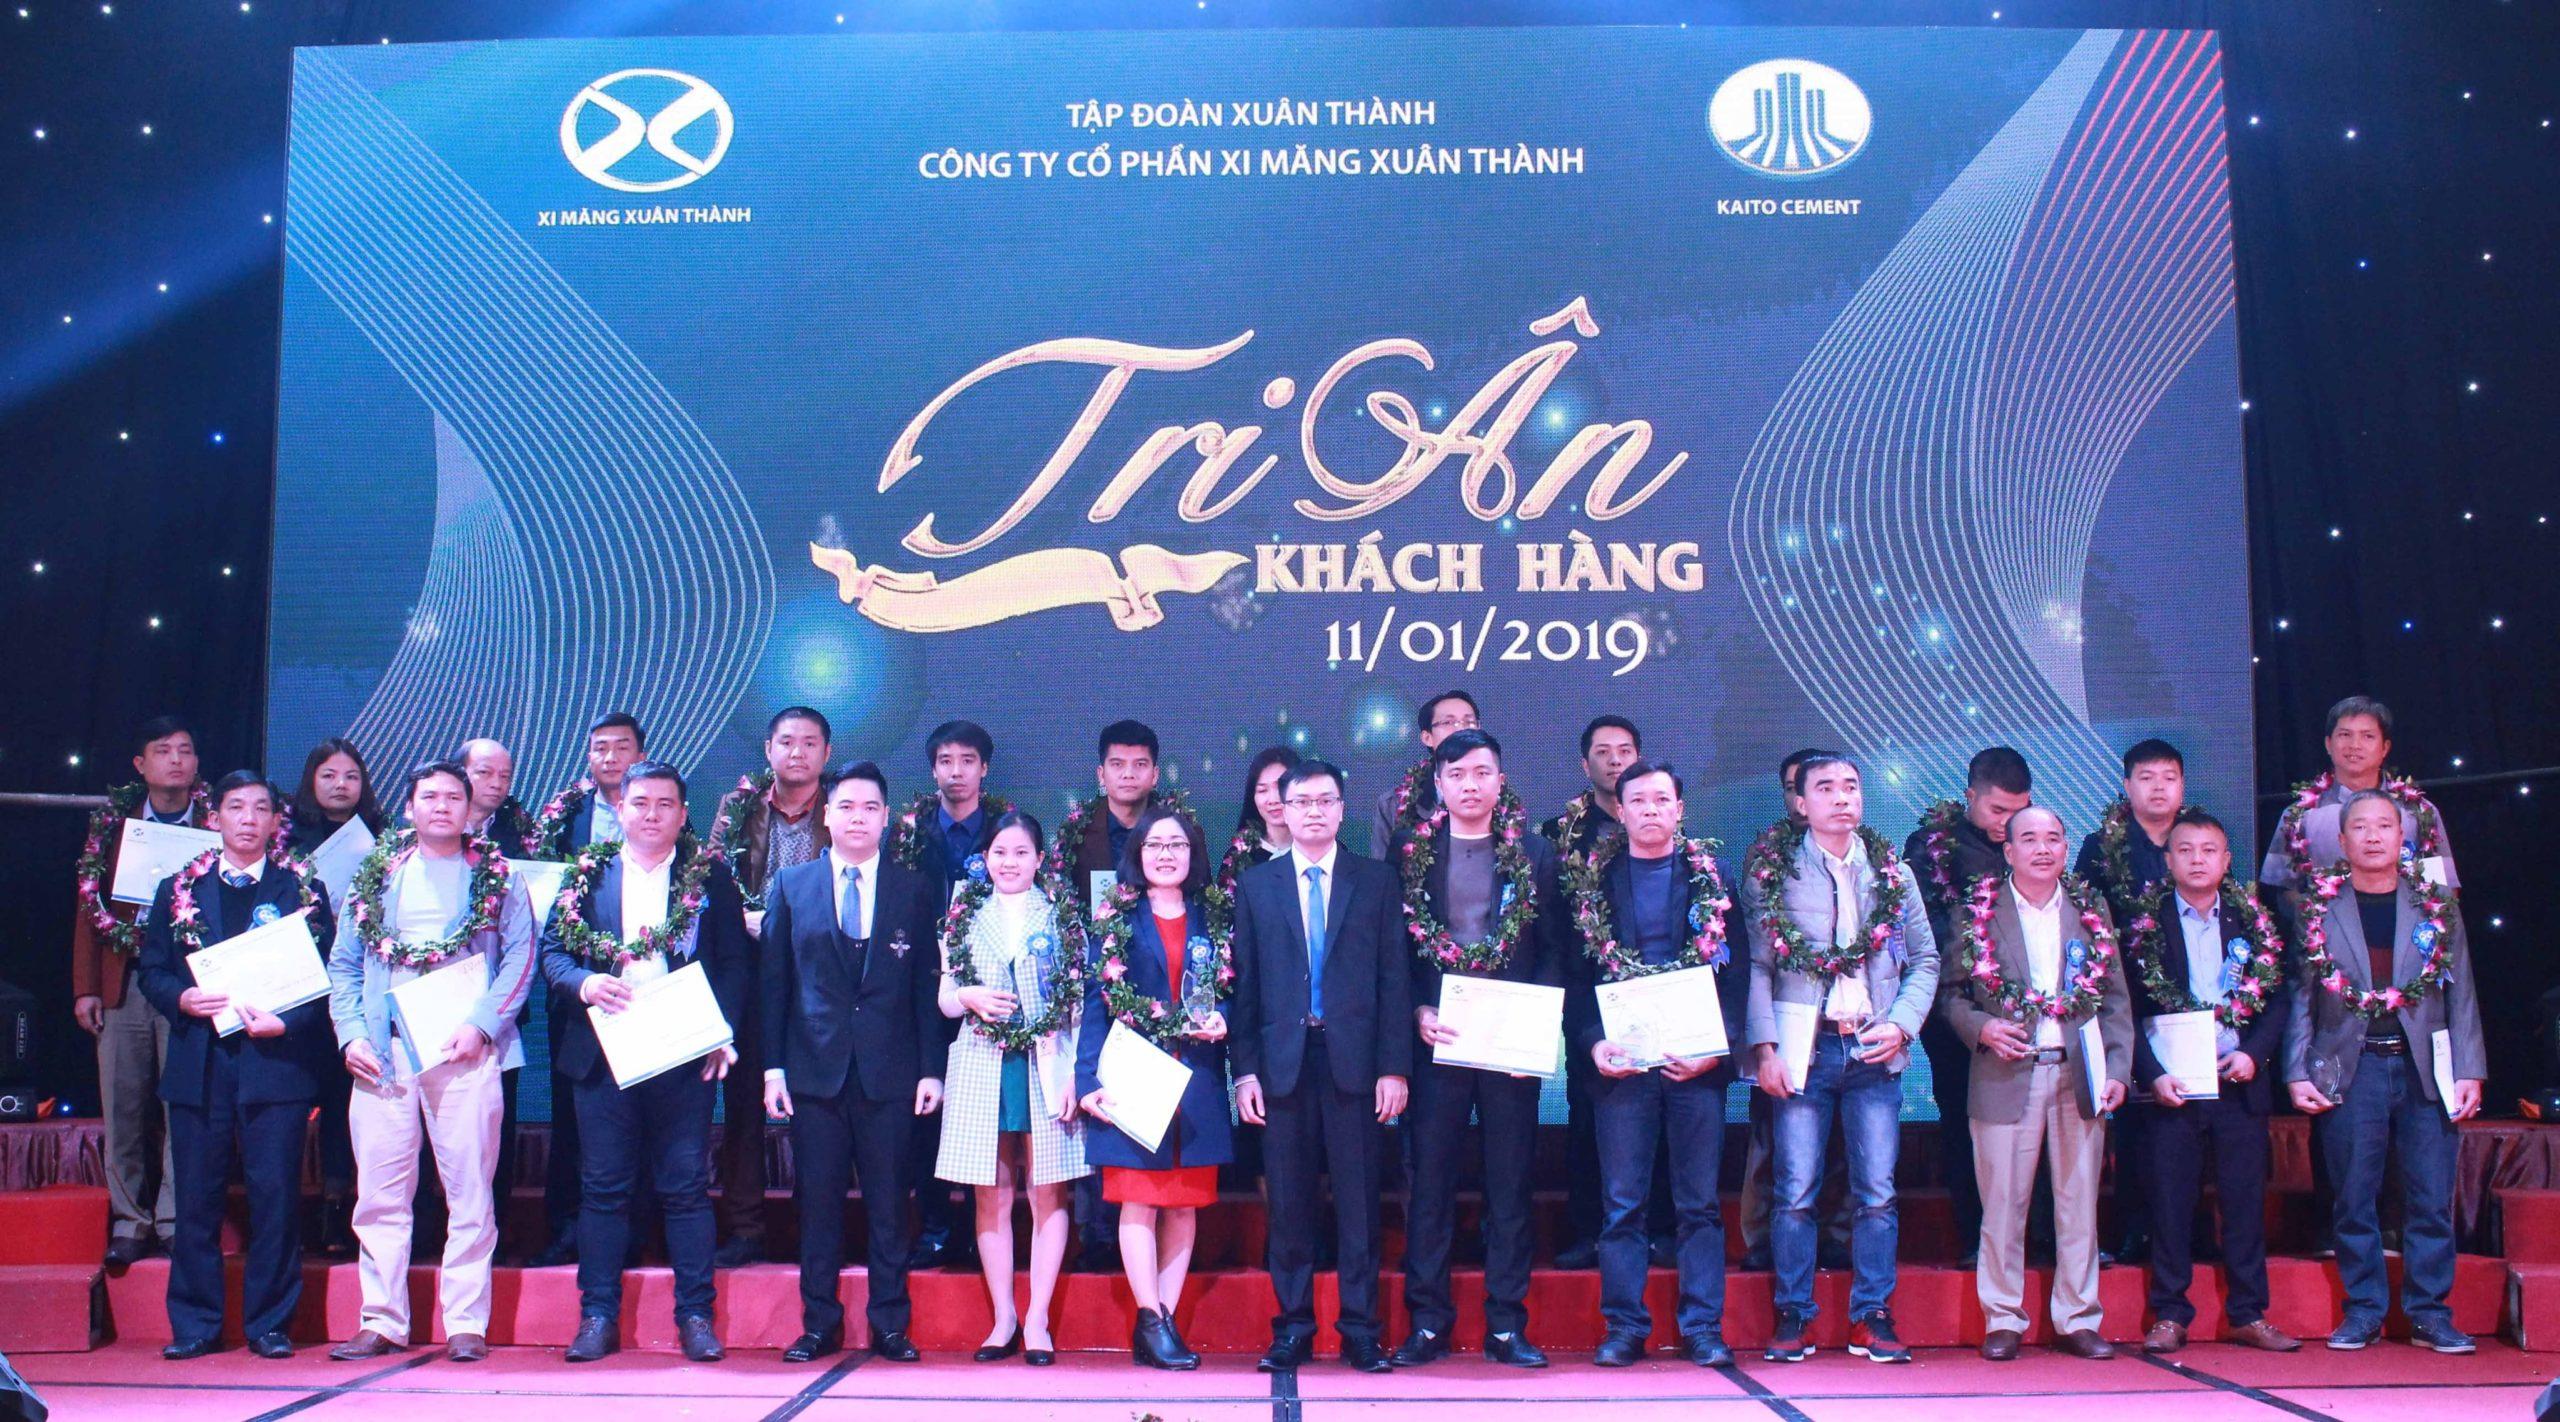 Một số hình ảnh hội nghị khách hàng - công ty cổ phần xi măng Xuân Thành